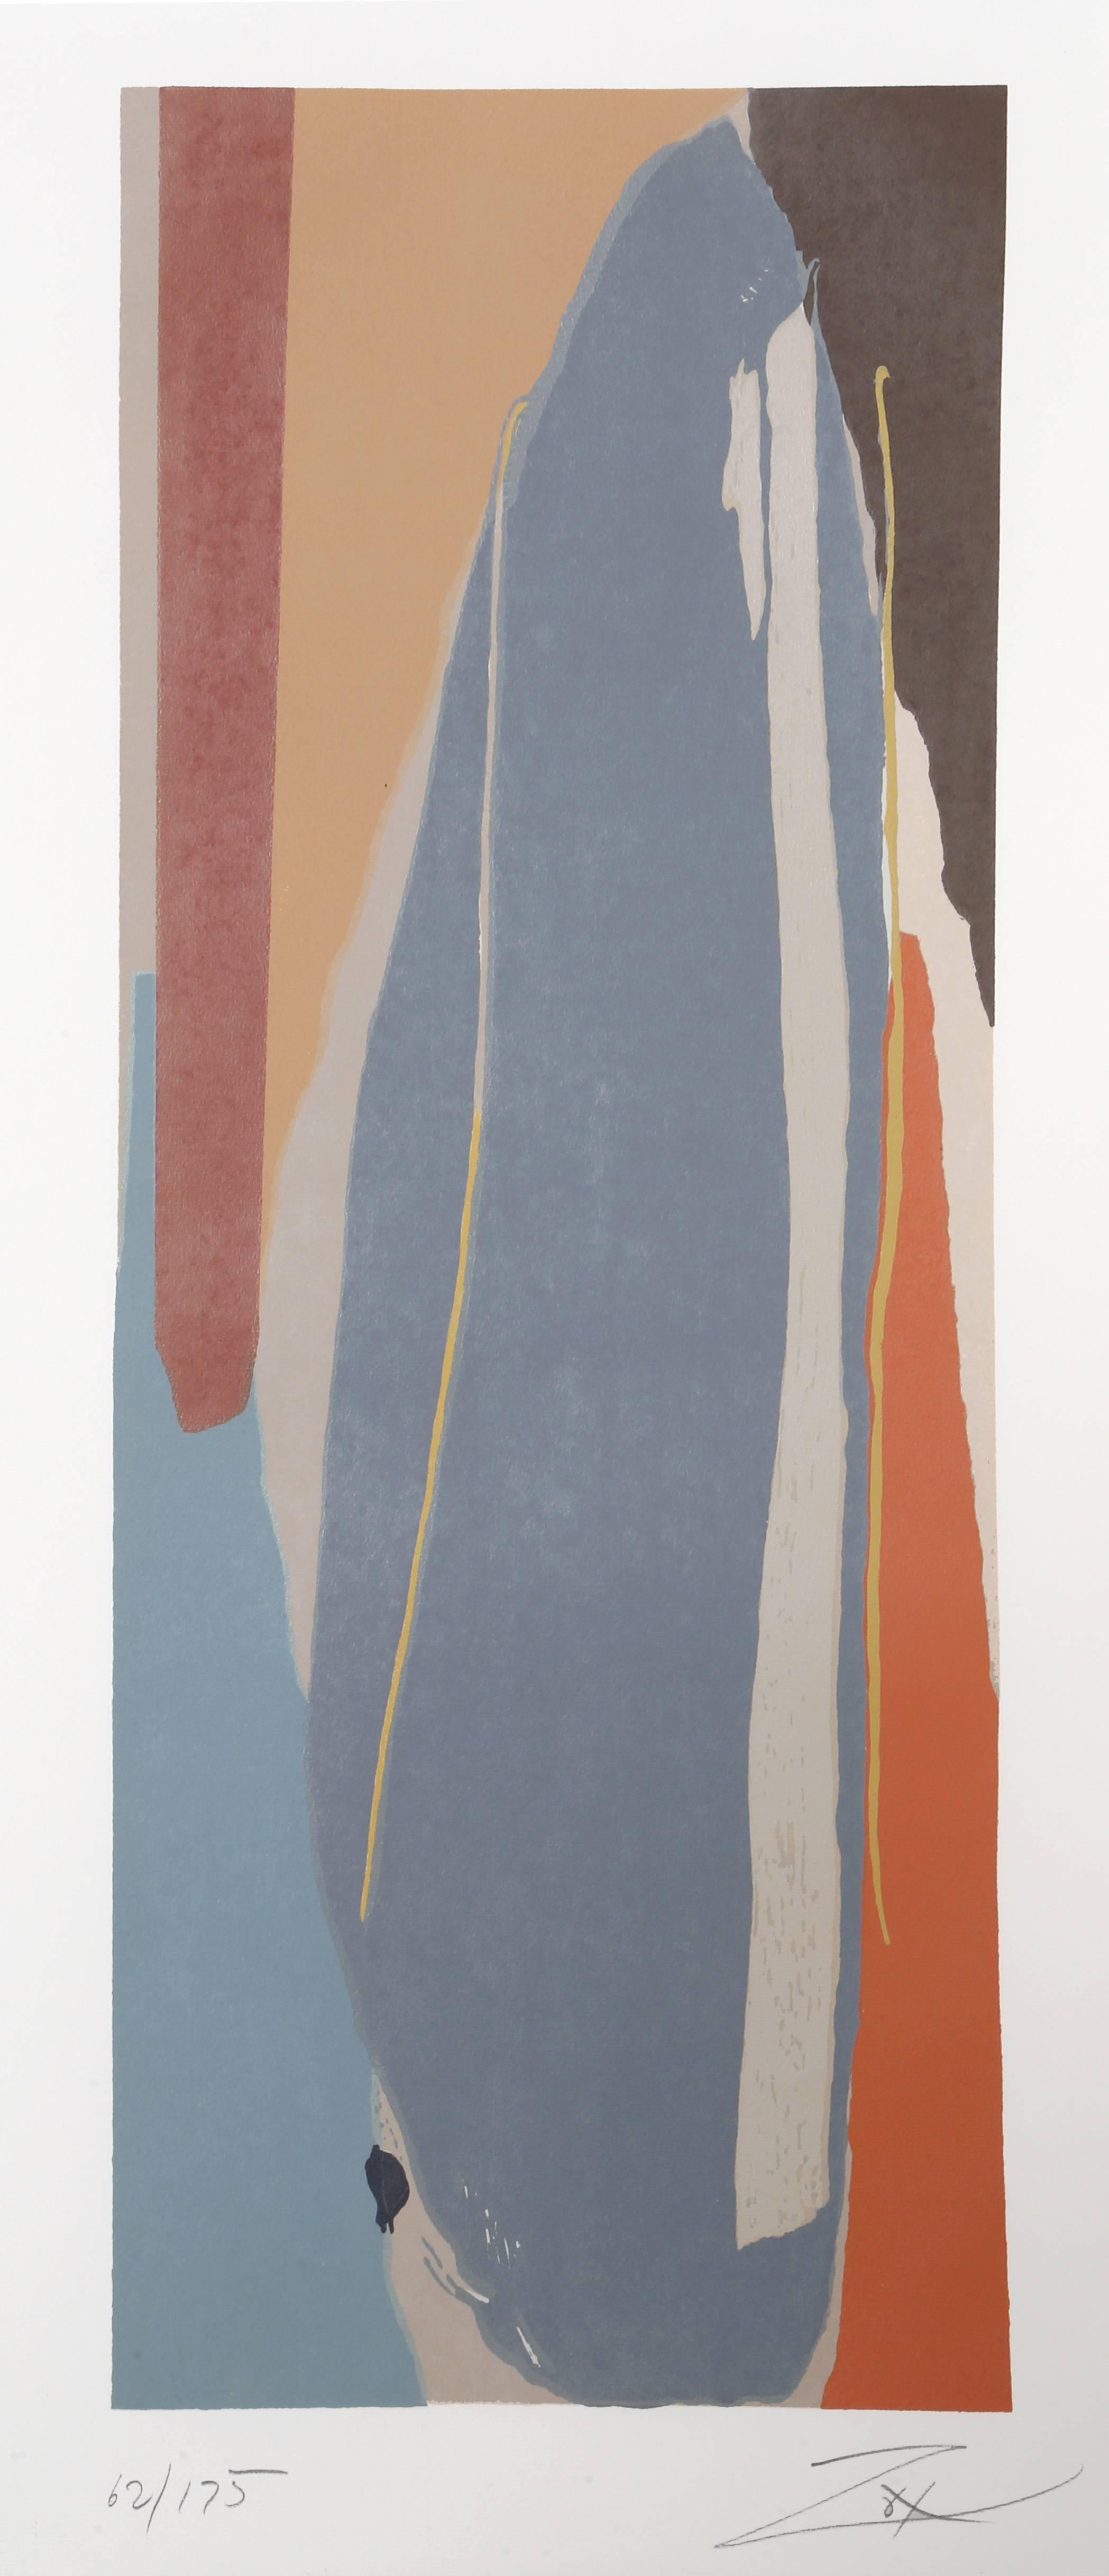 Niagara Series No. 5, Abstract Silkscreen